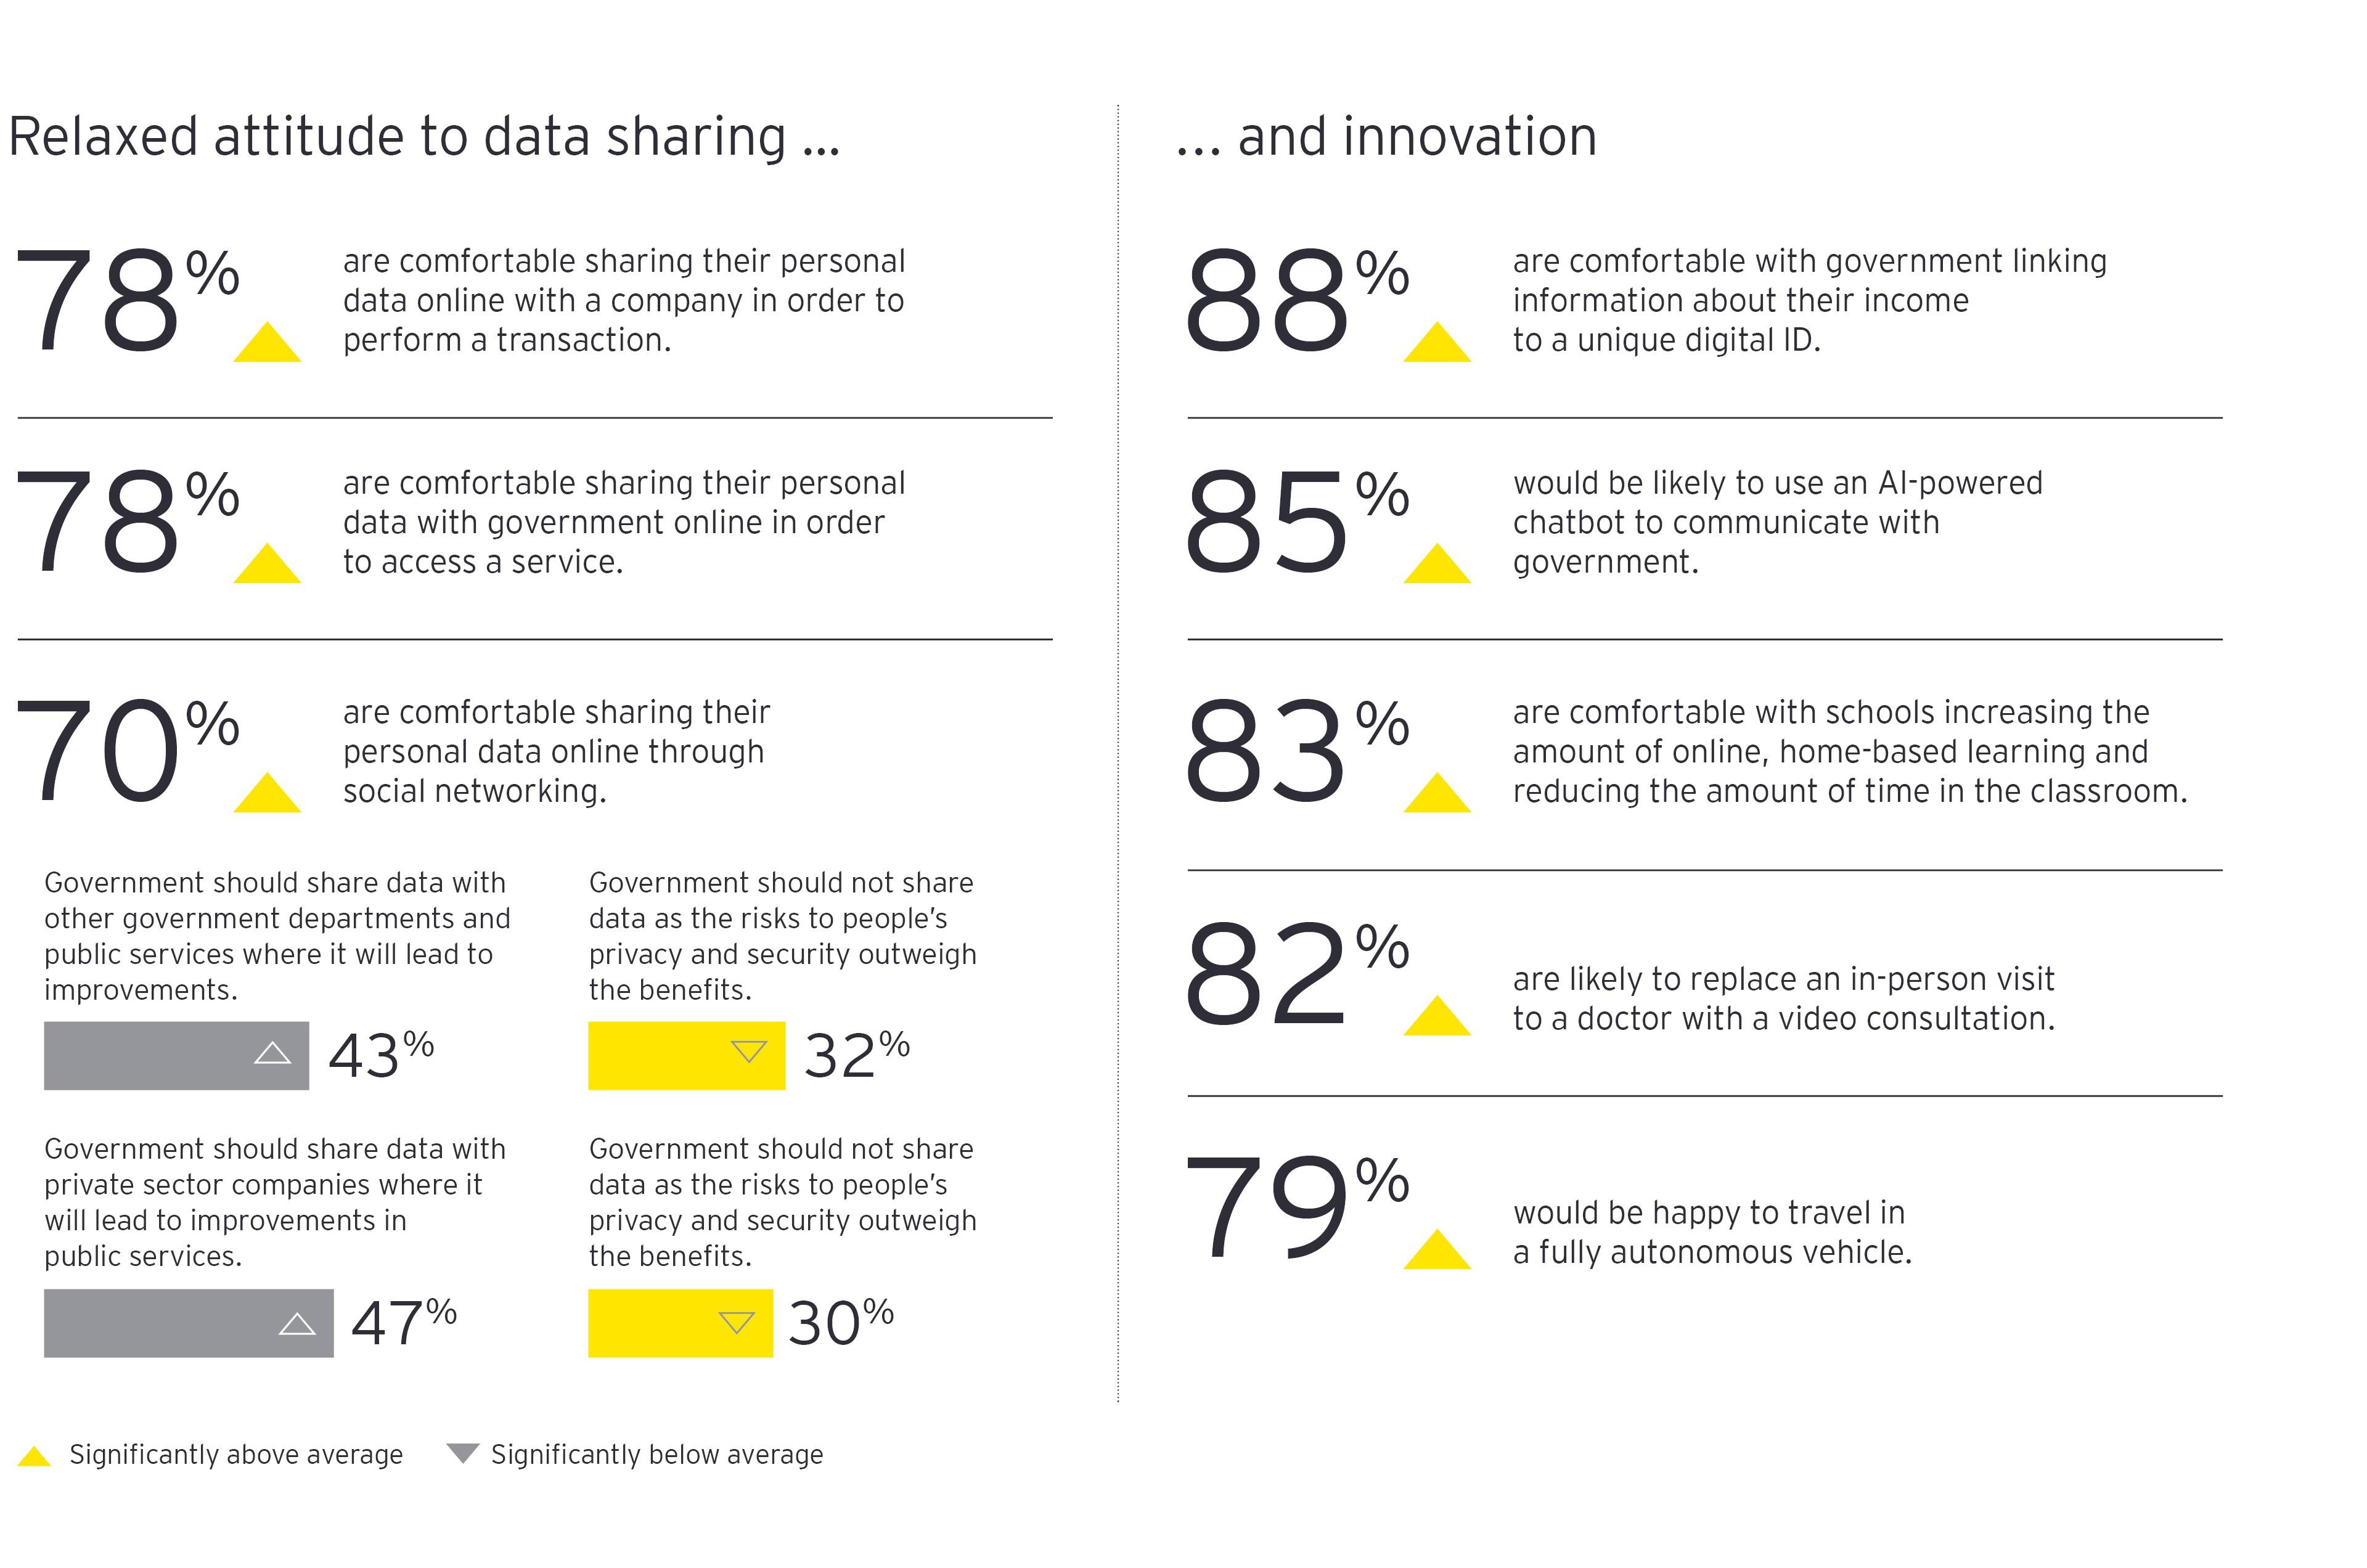 Actitud relajada ante el intercambio de datos... | ... y la innovación gráfico